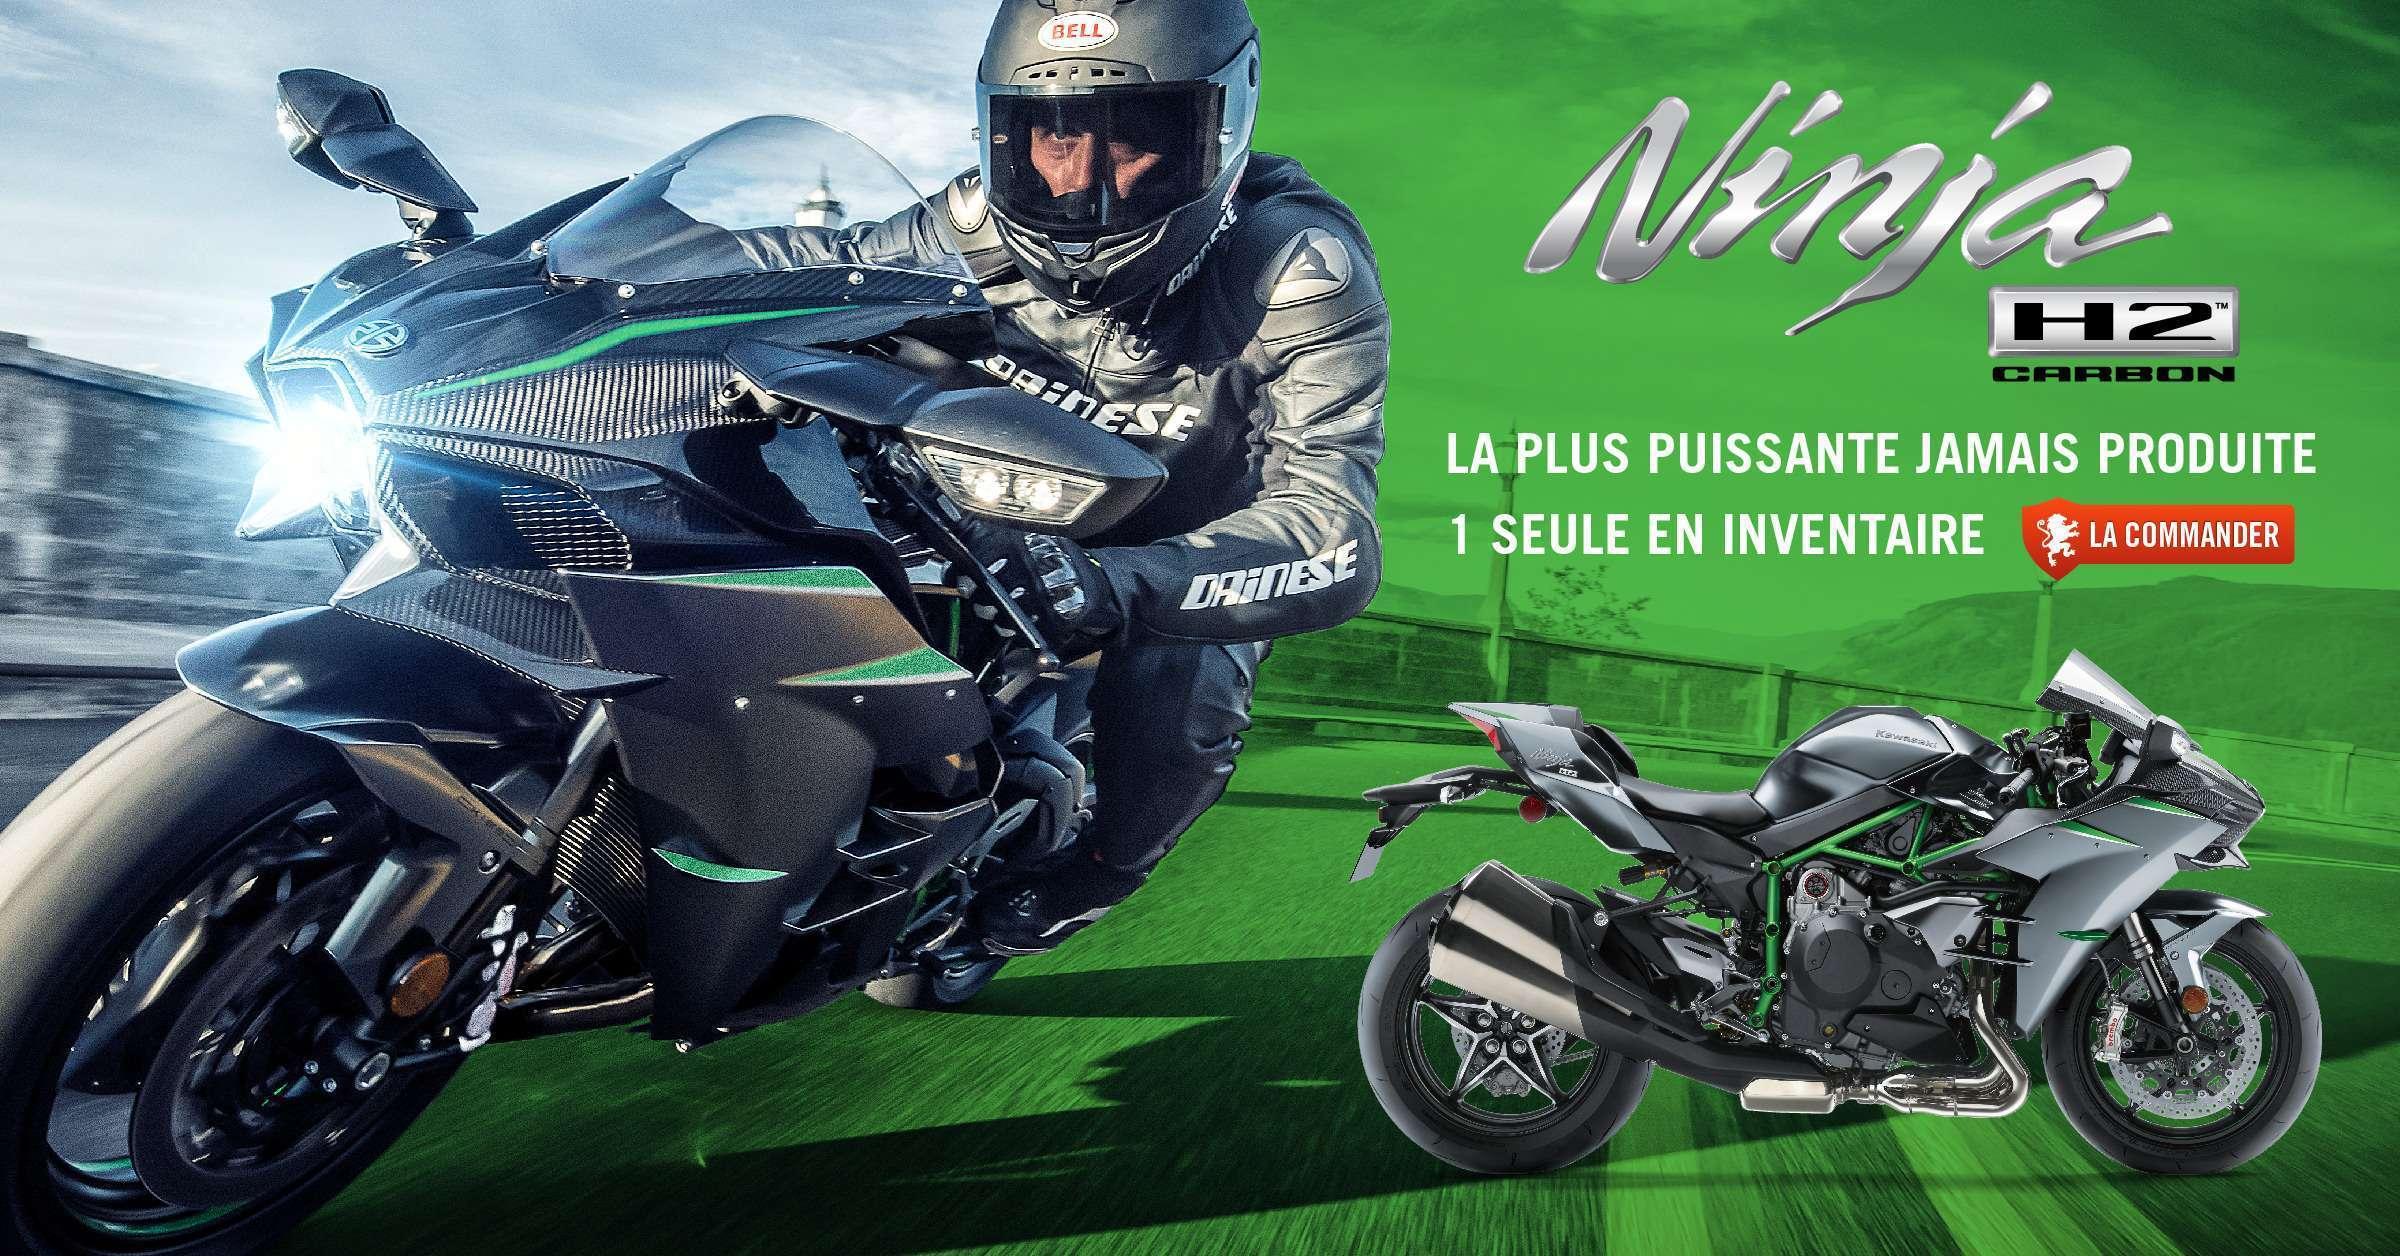 1 seule Kawasaki Ninja H2 Carbon 2019 en inventaire, commandez la!